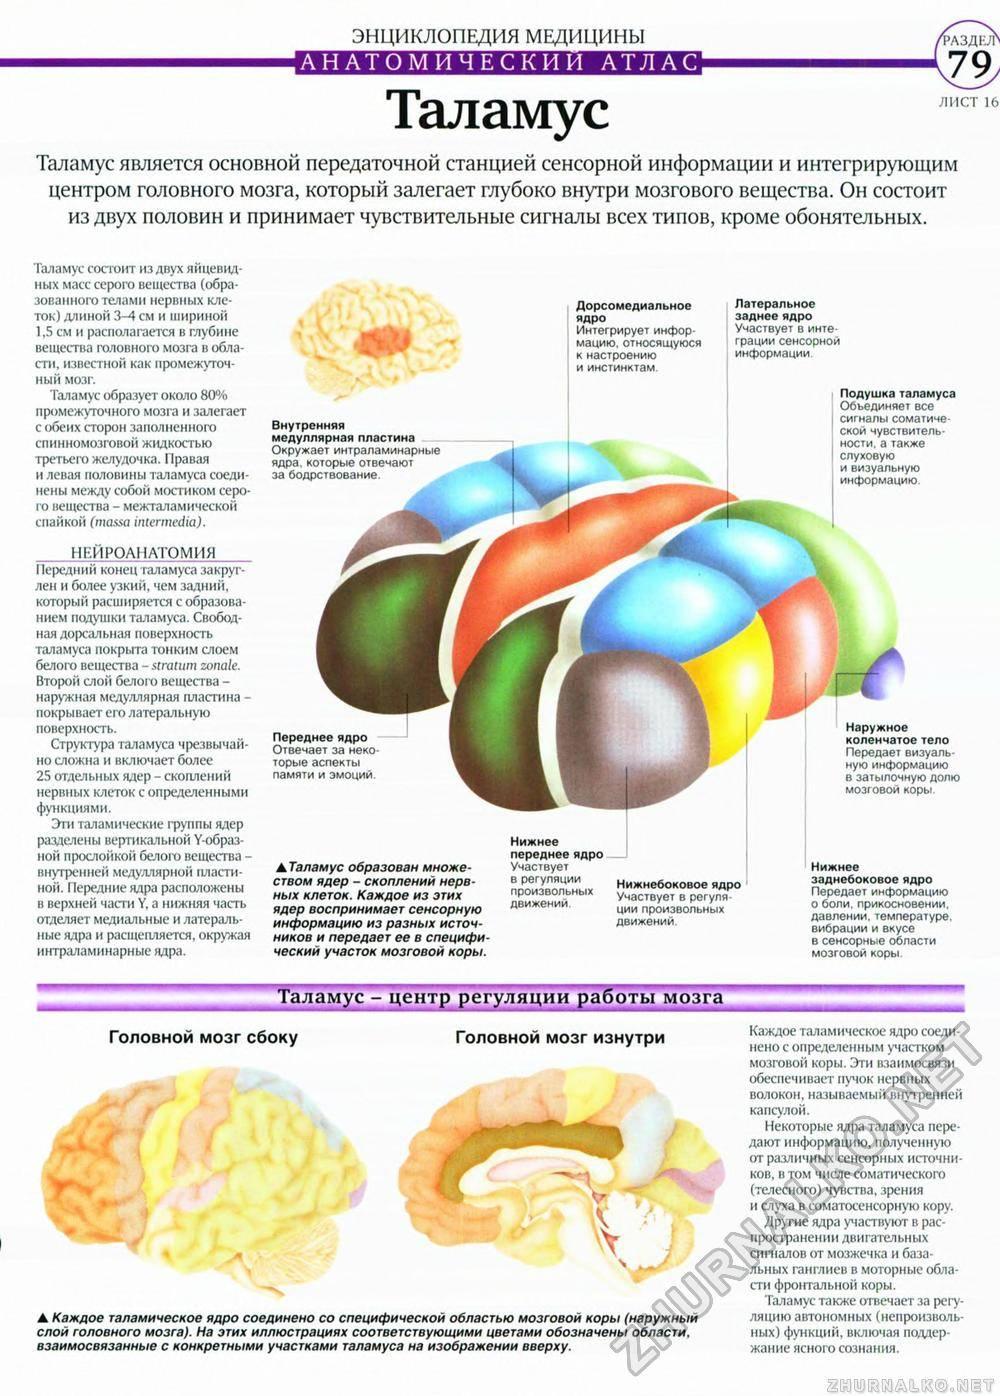 5 зон мозга – подборки от постнауки